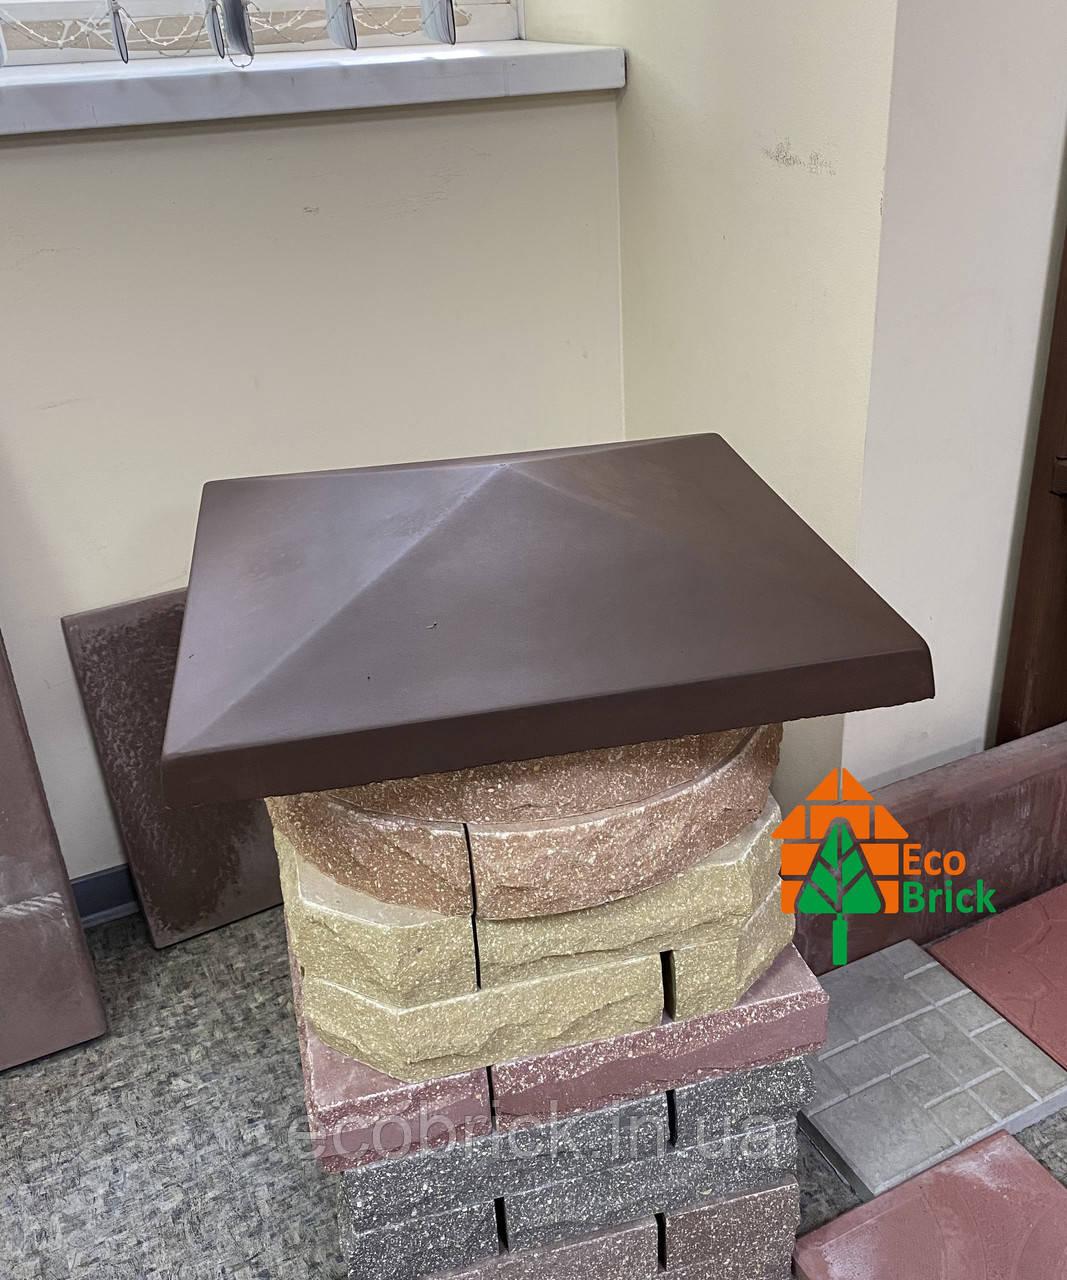 Крышка на столбик кирпичный «ПРЯМА» 580х580 мм. цвет коричневый, вес 40 кг.